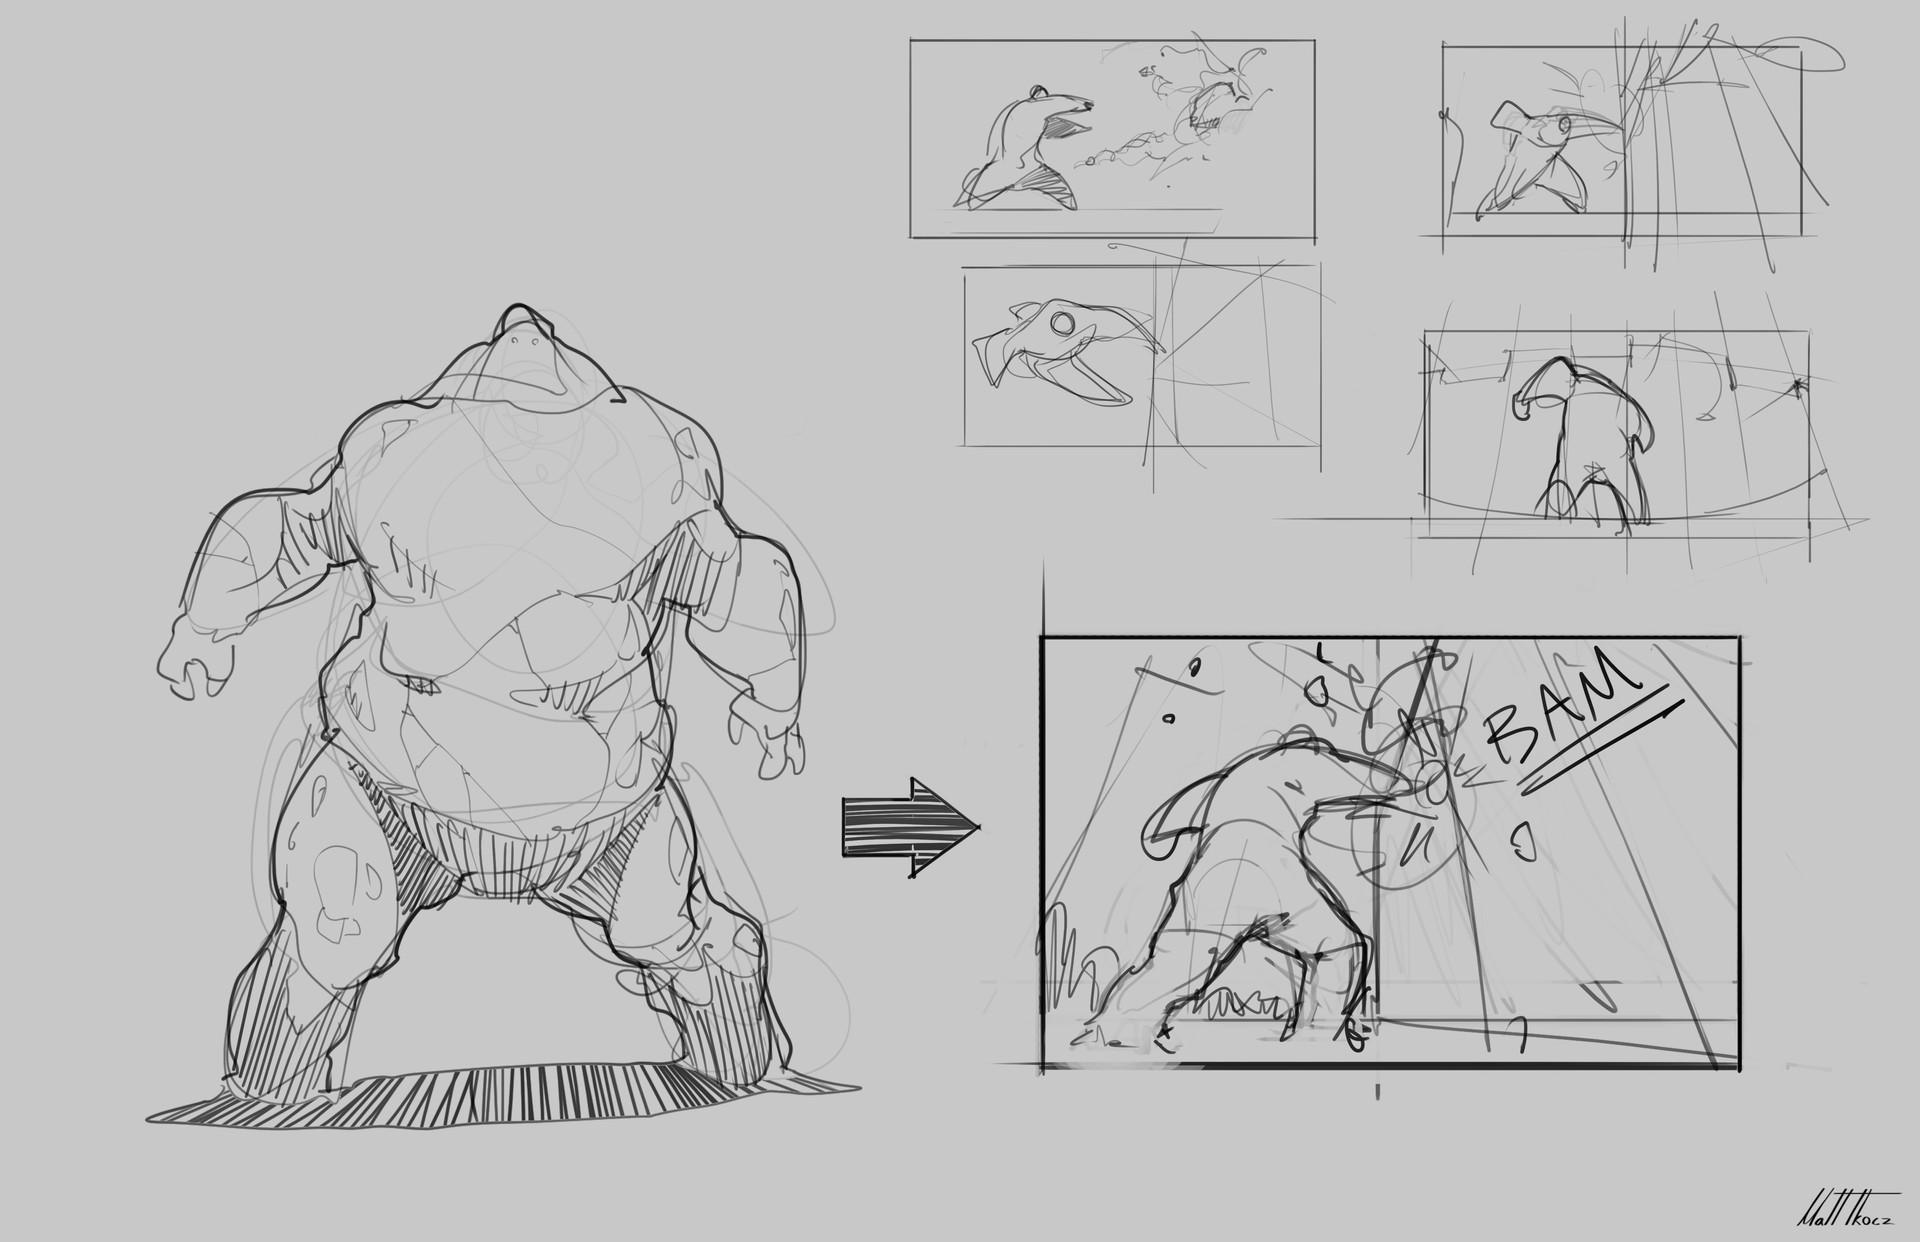 Matt tkocz giants sketches6